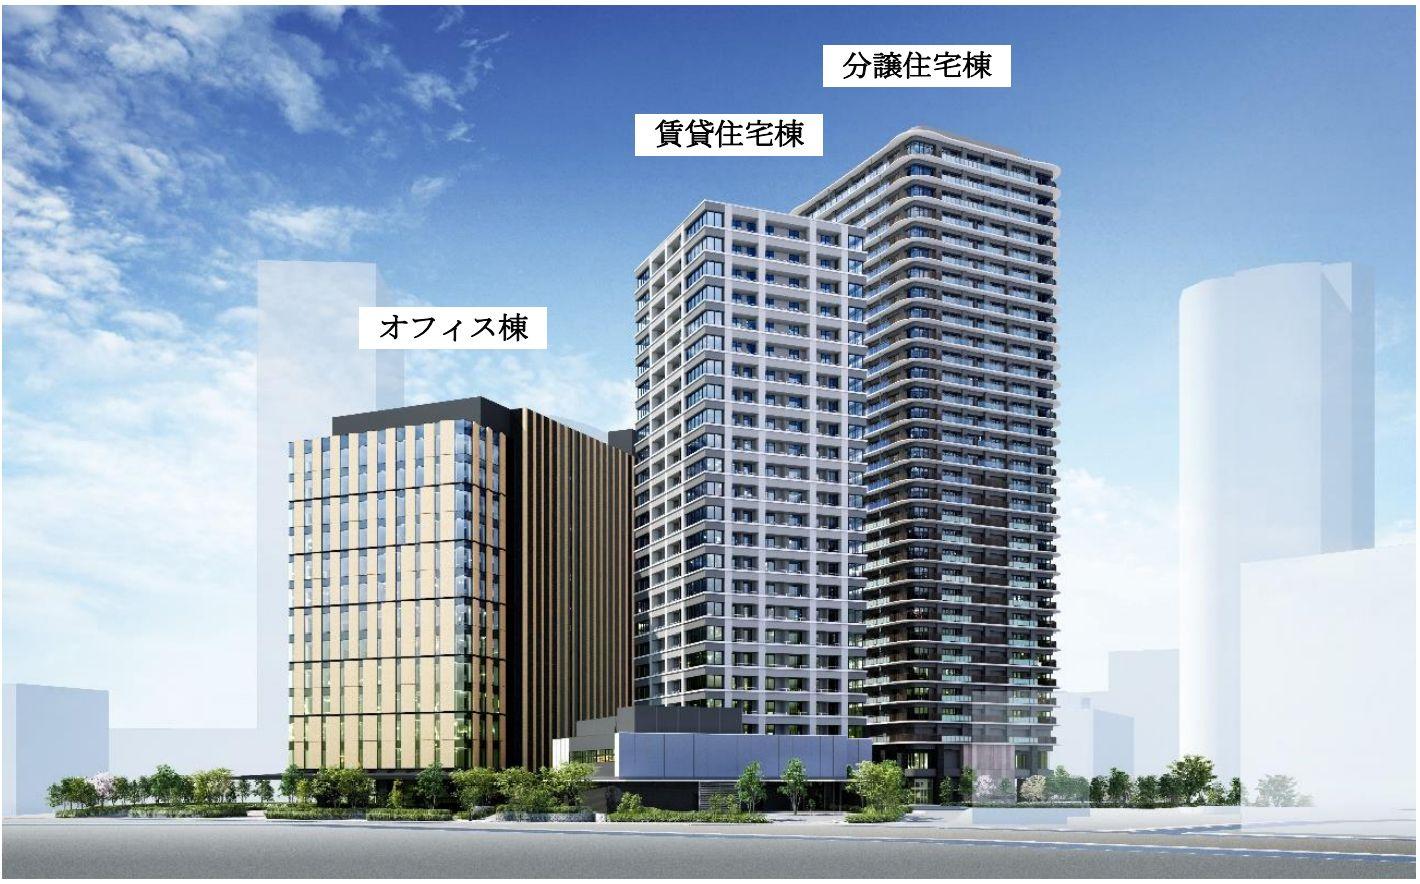 (仮称)西五反田 3 丁目プロジェクトの完成予想イメージ